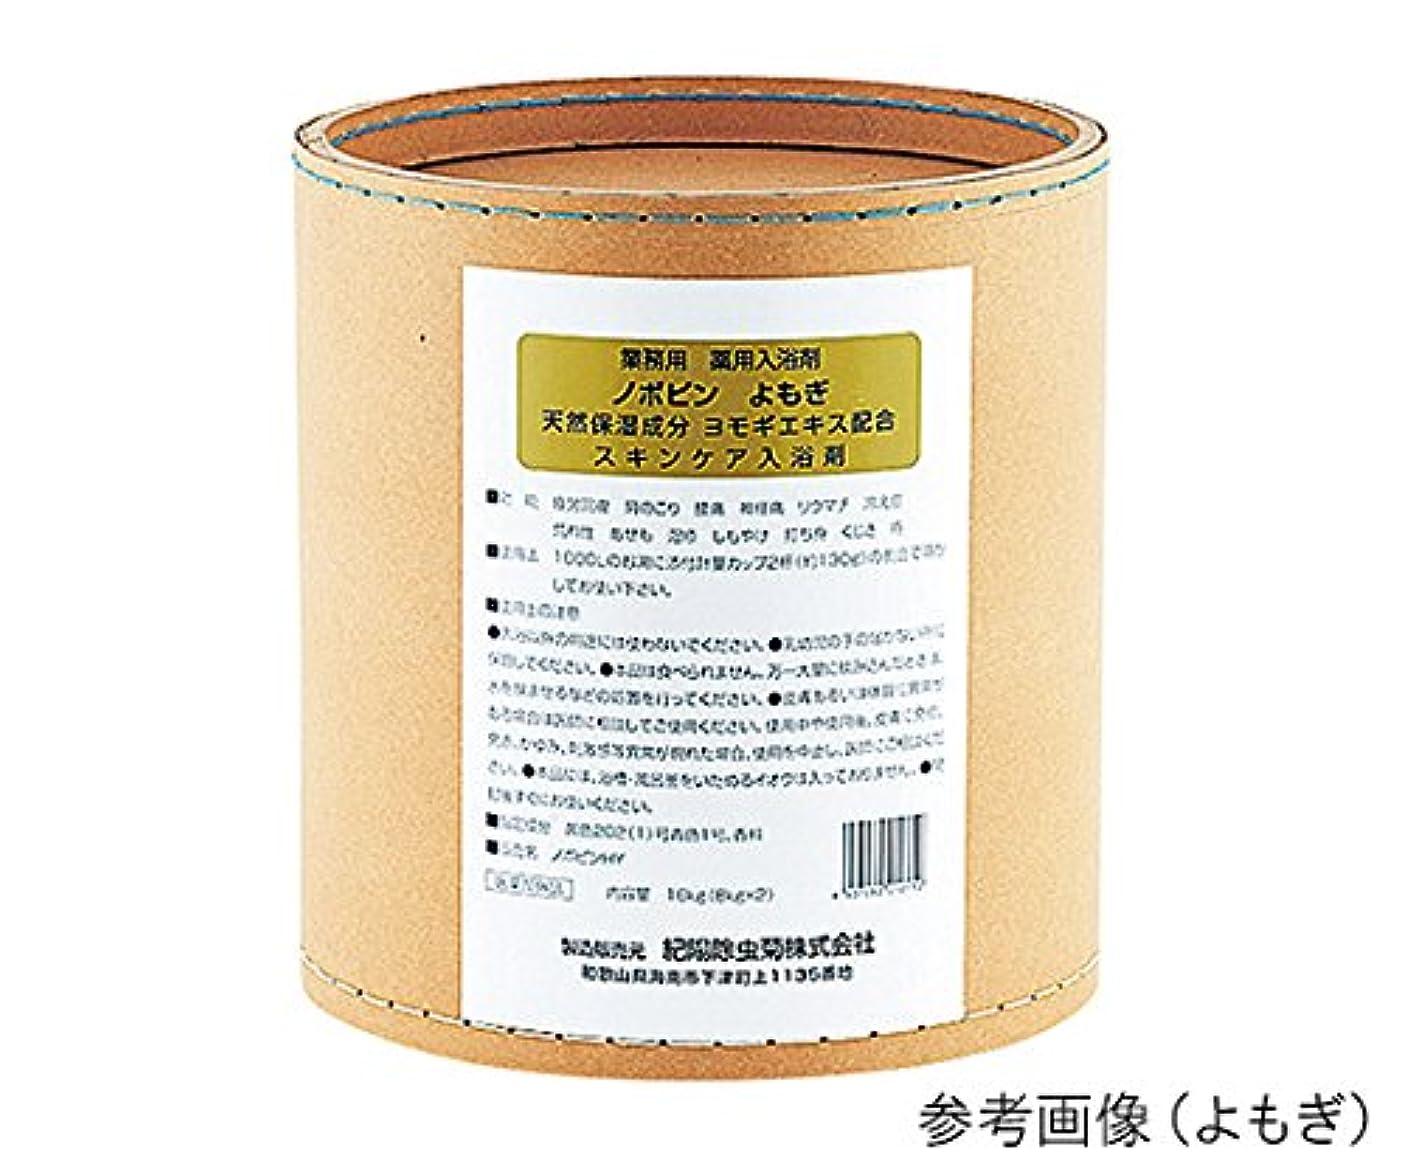 散文どこかデュアル紀陽除虫菊7-2541-03業務用薬用入浴剤(ノボピン)カミツレ(8kg×2個入)